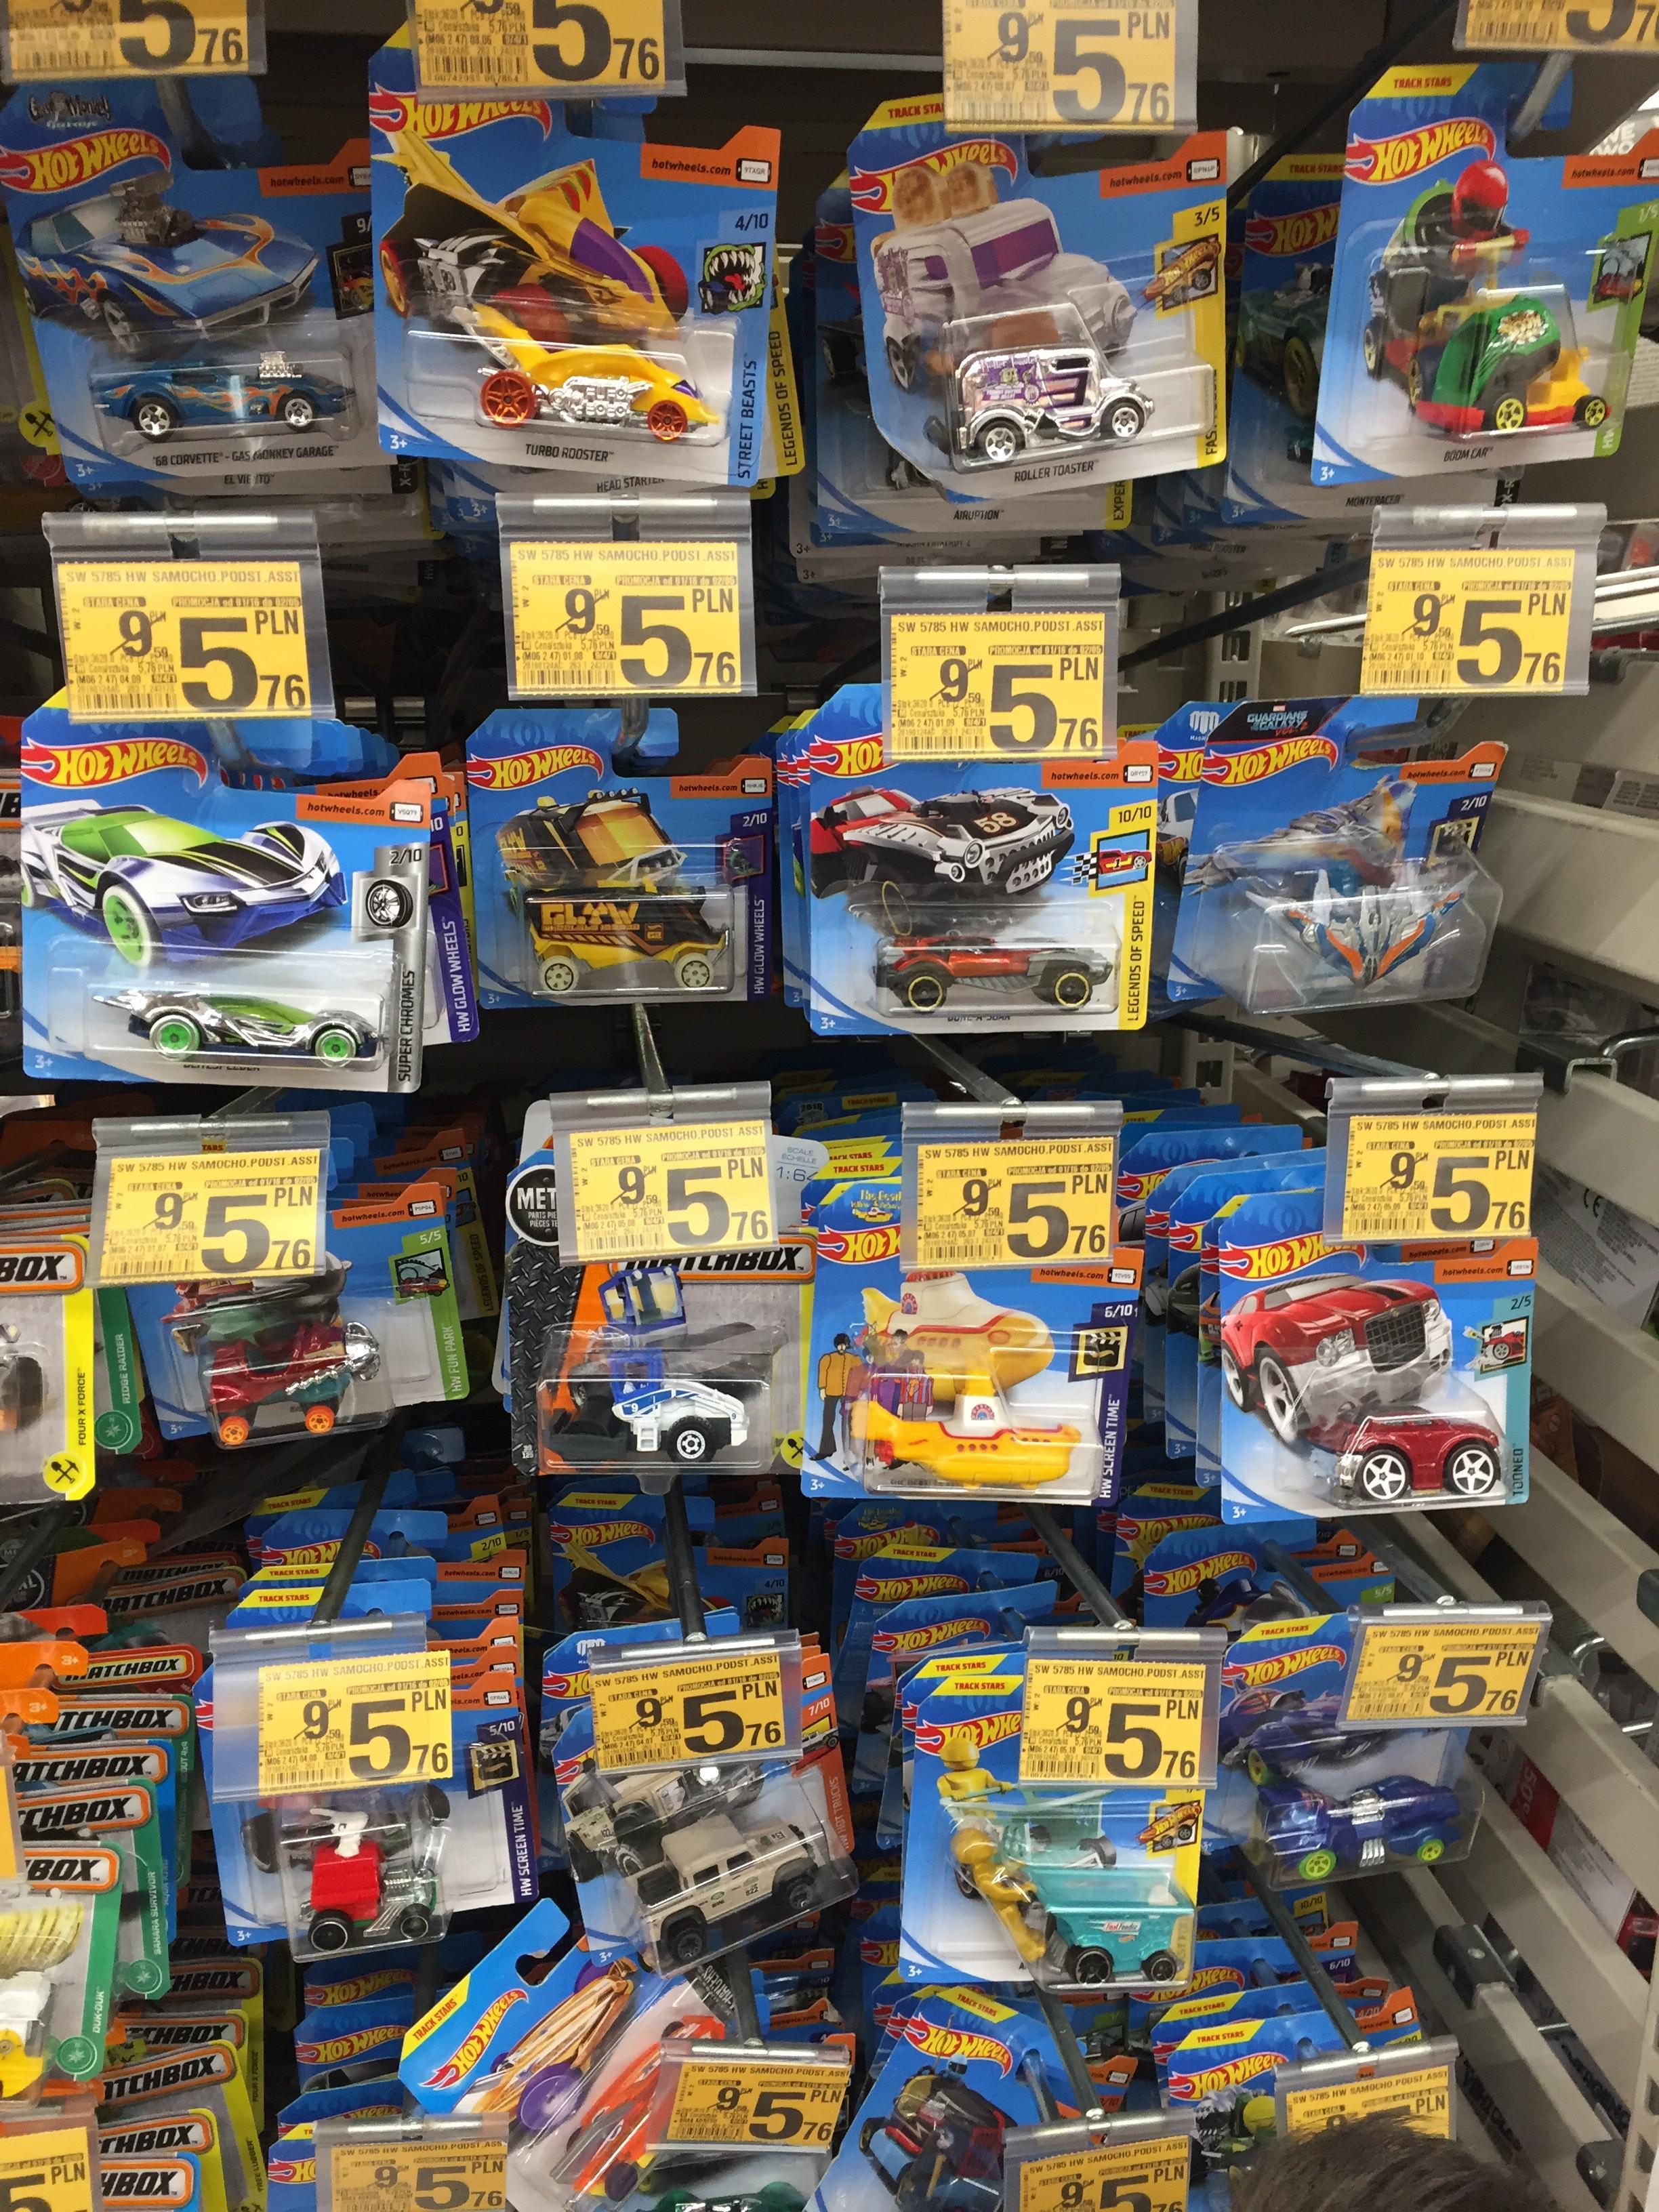 Hot Wheels samochodziki najtaniej w Auchan